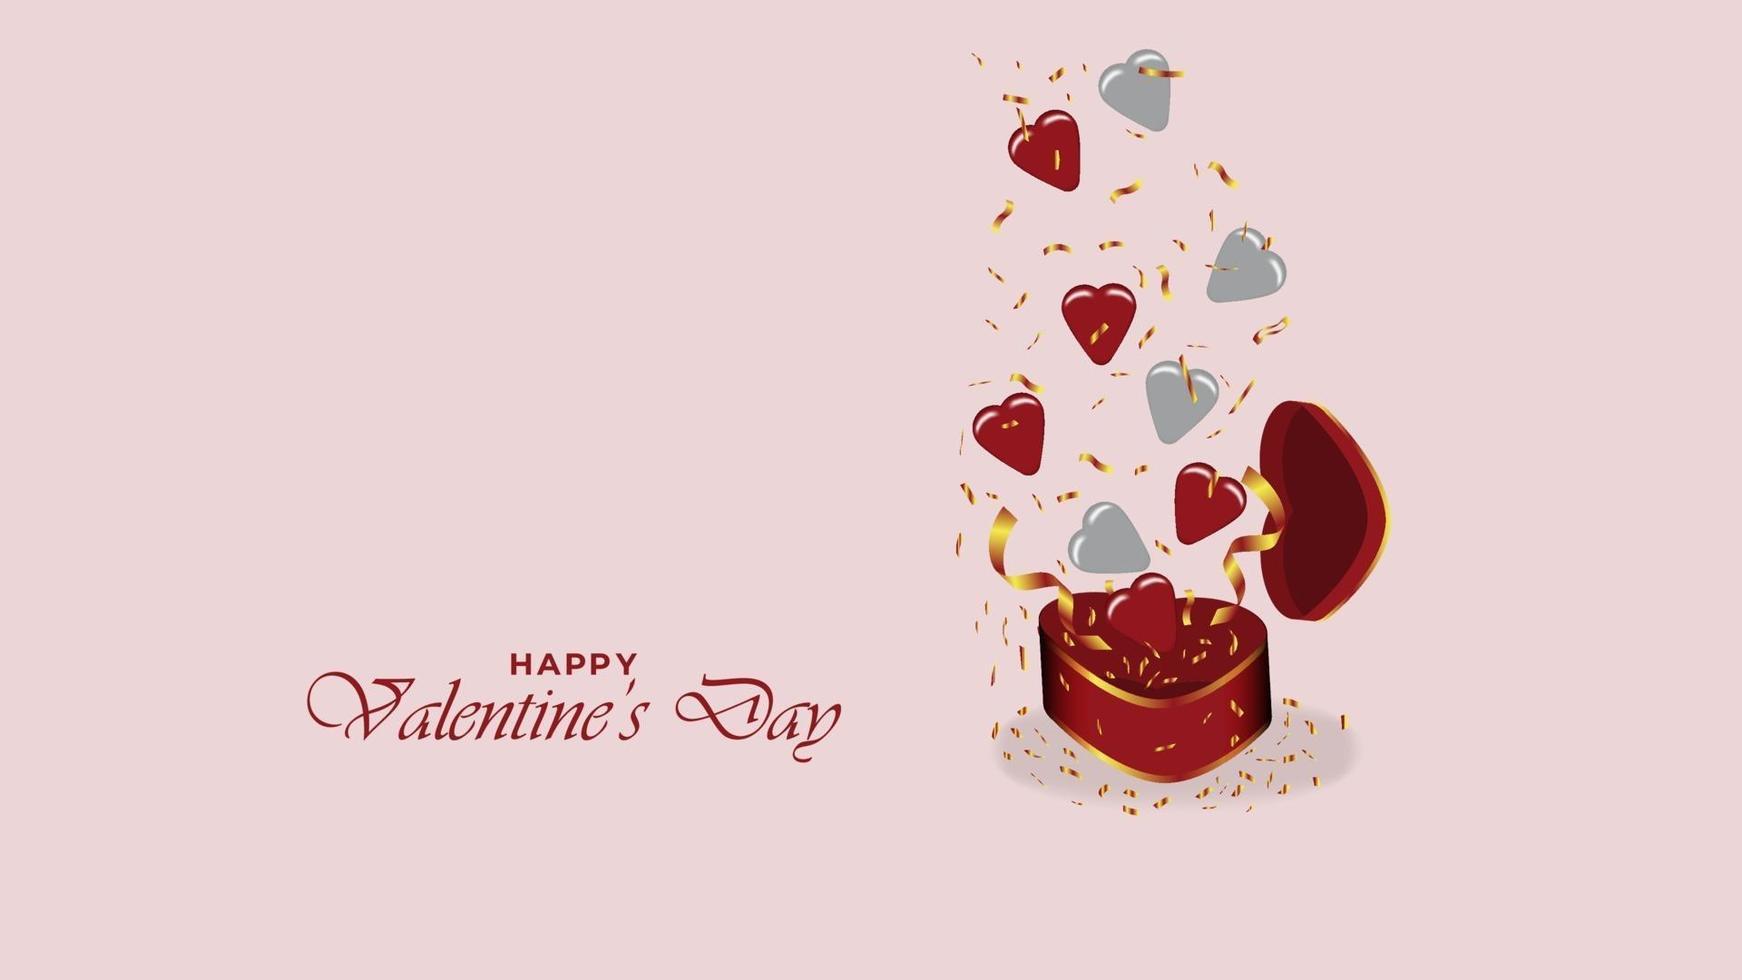 Fondo de feliz día de San Valentín con caja de regalo realista y objetos de diseño de símbolo de corazón vector